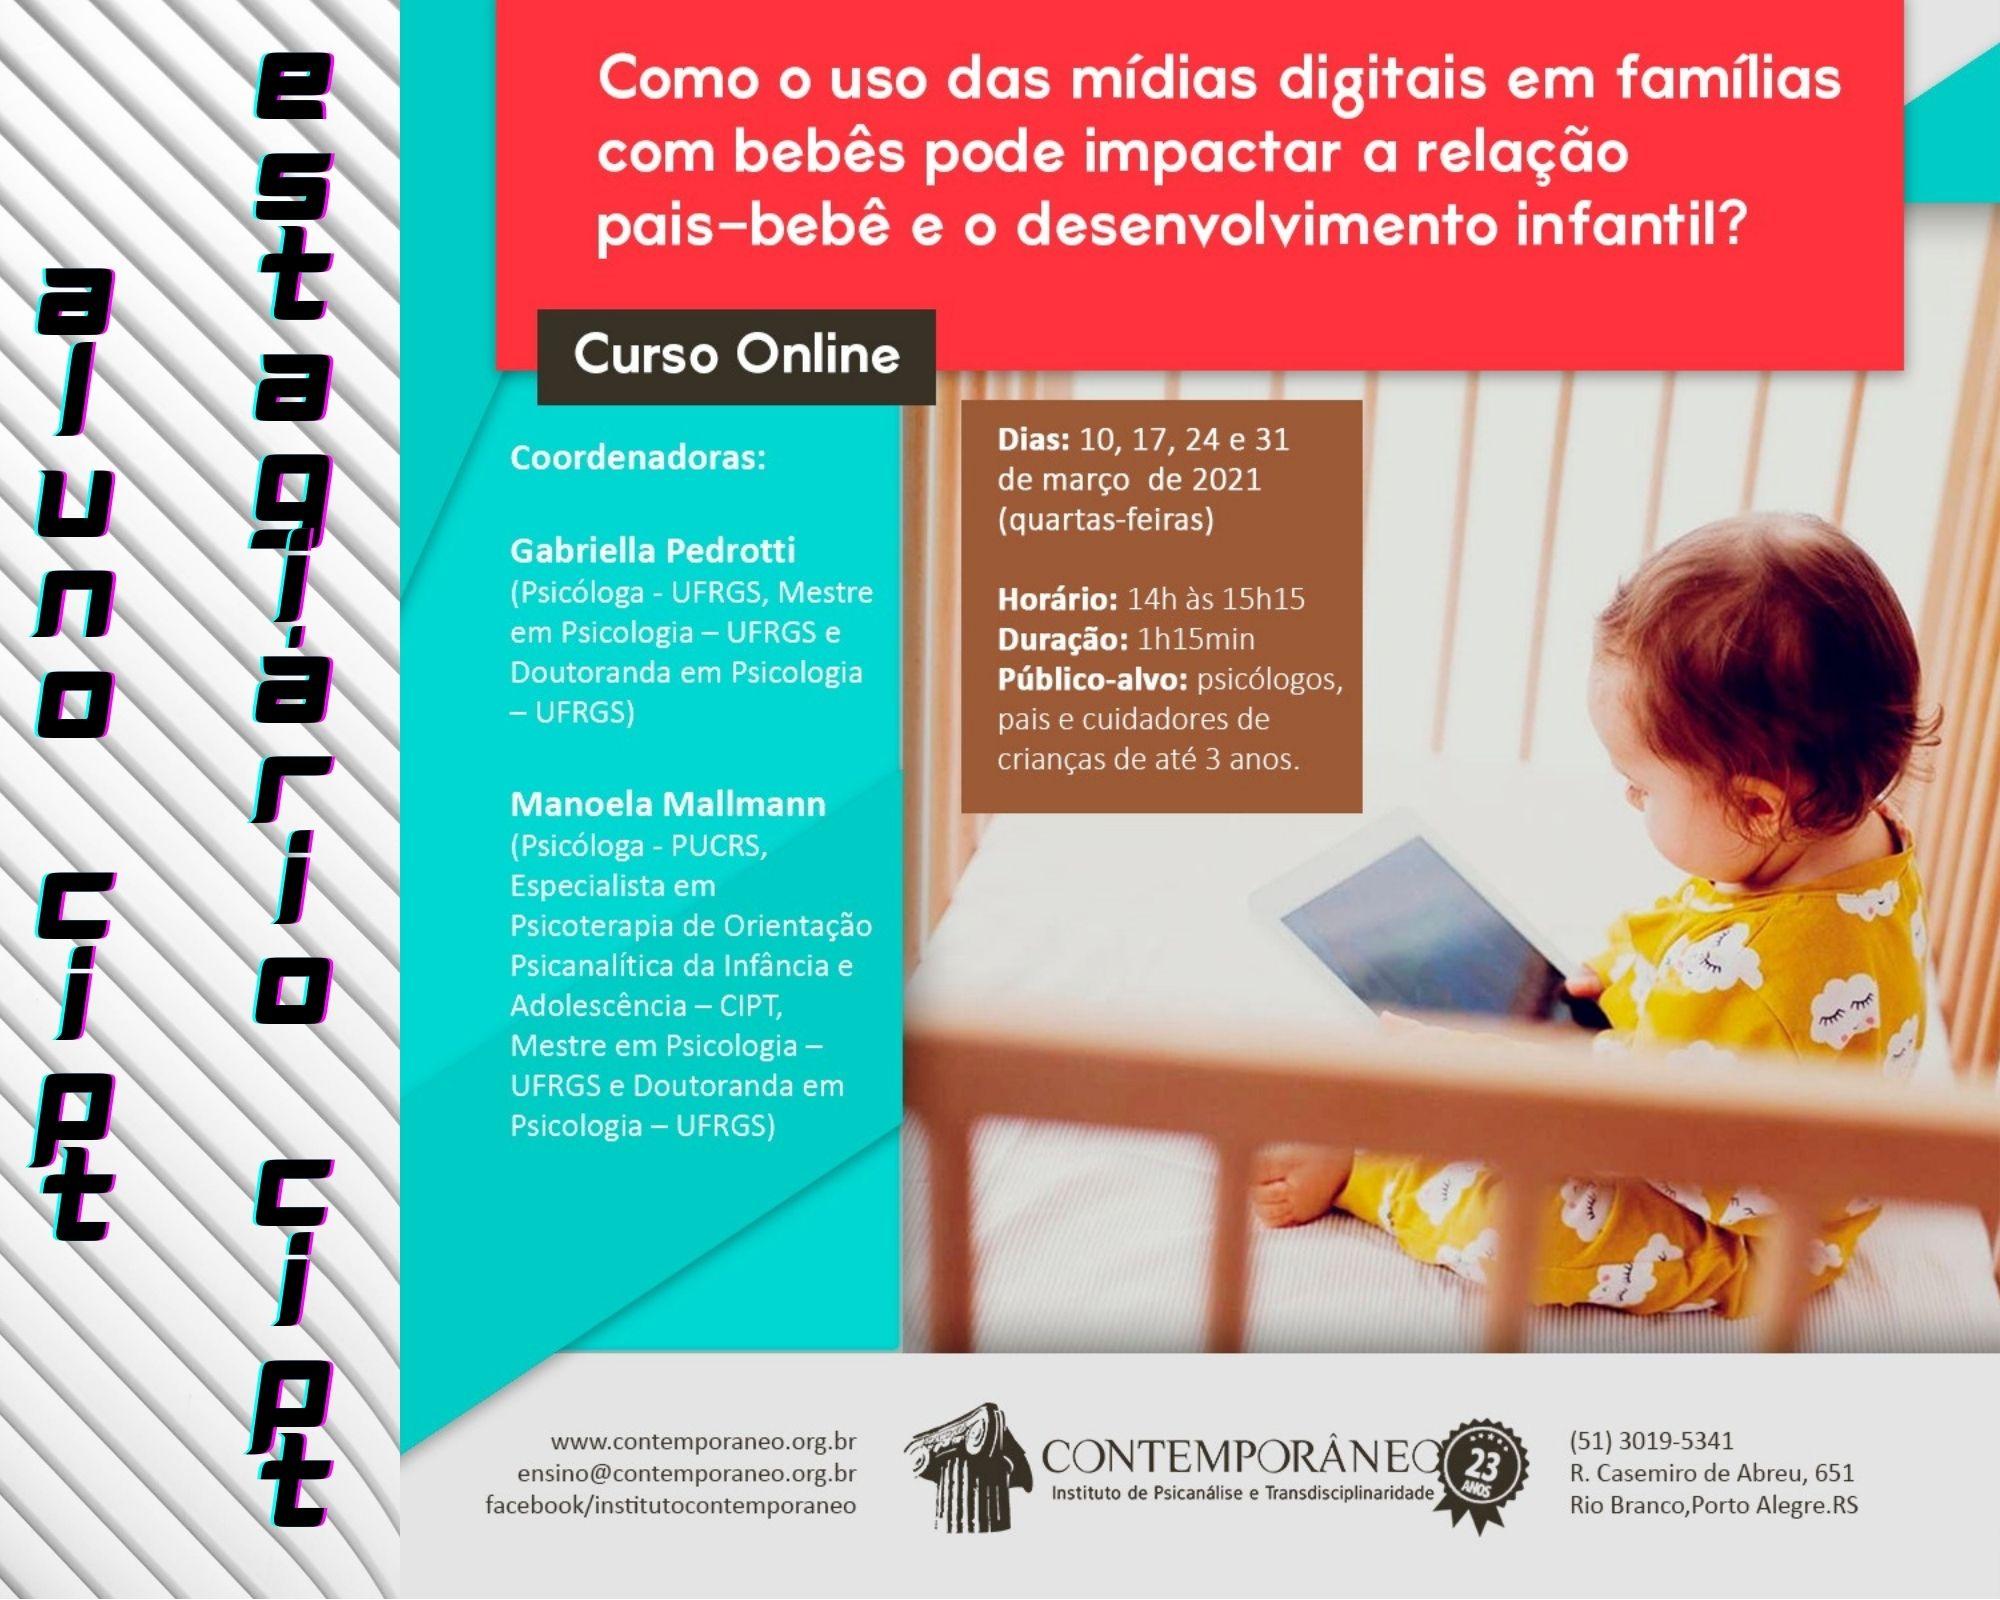 Curso para Uso das Mídias Digitais em famílias com bebês - Alunos e Estagiários CIPT 2021